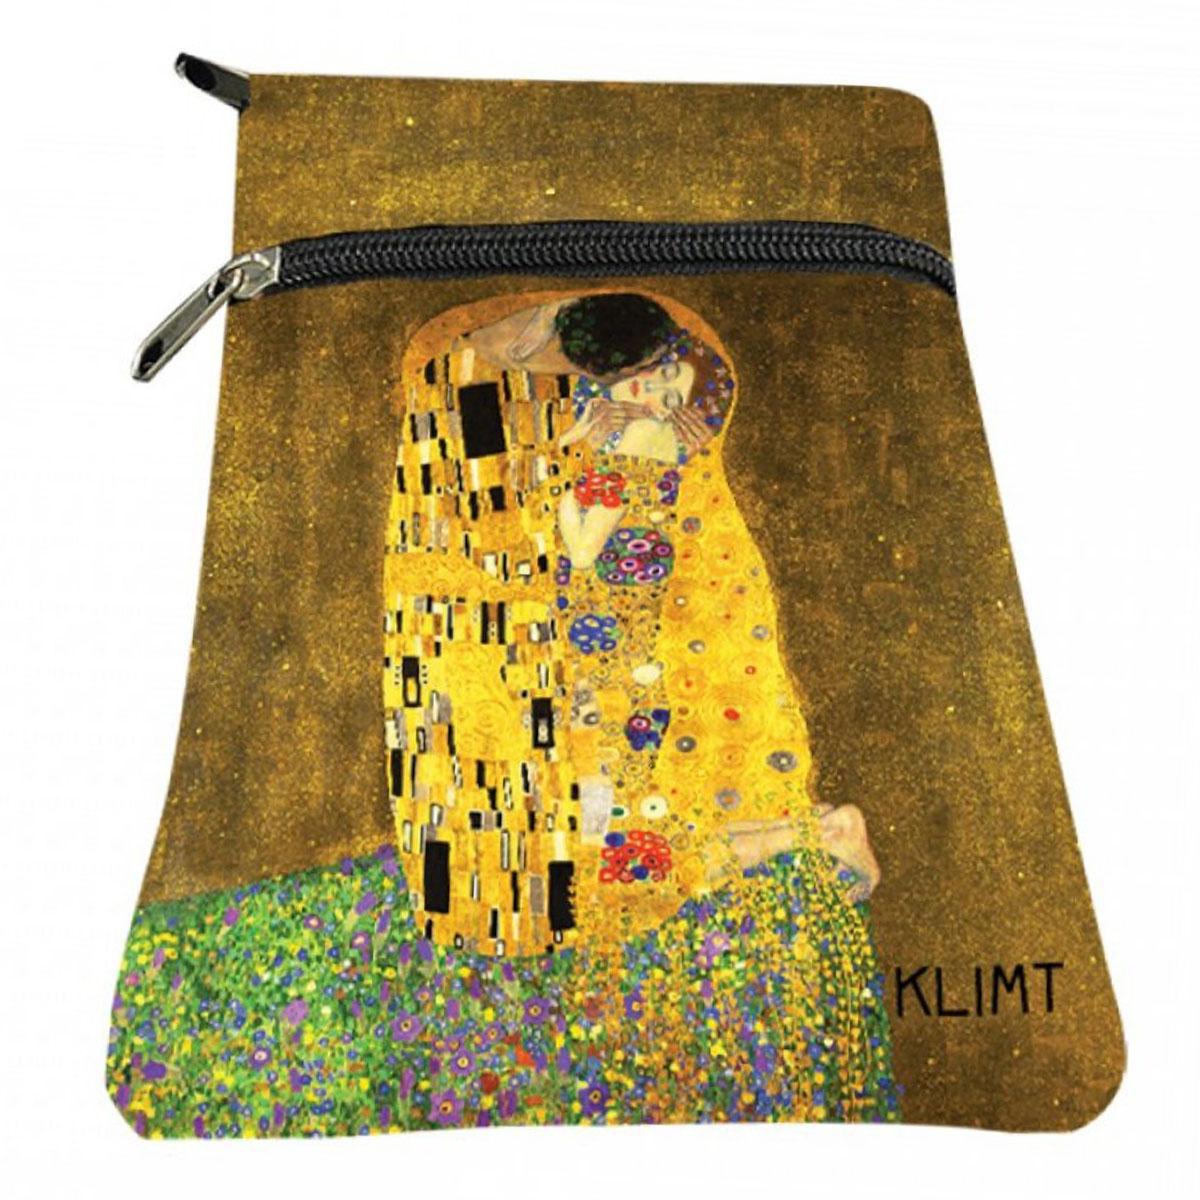 Porte papiers / passeport \'Gustav Klimt\' jaune marron (Le Baiser) - 18x13 cm - [A2835]